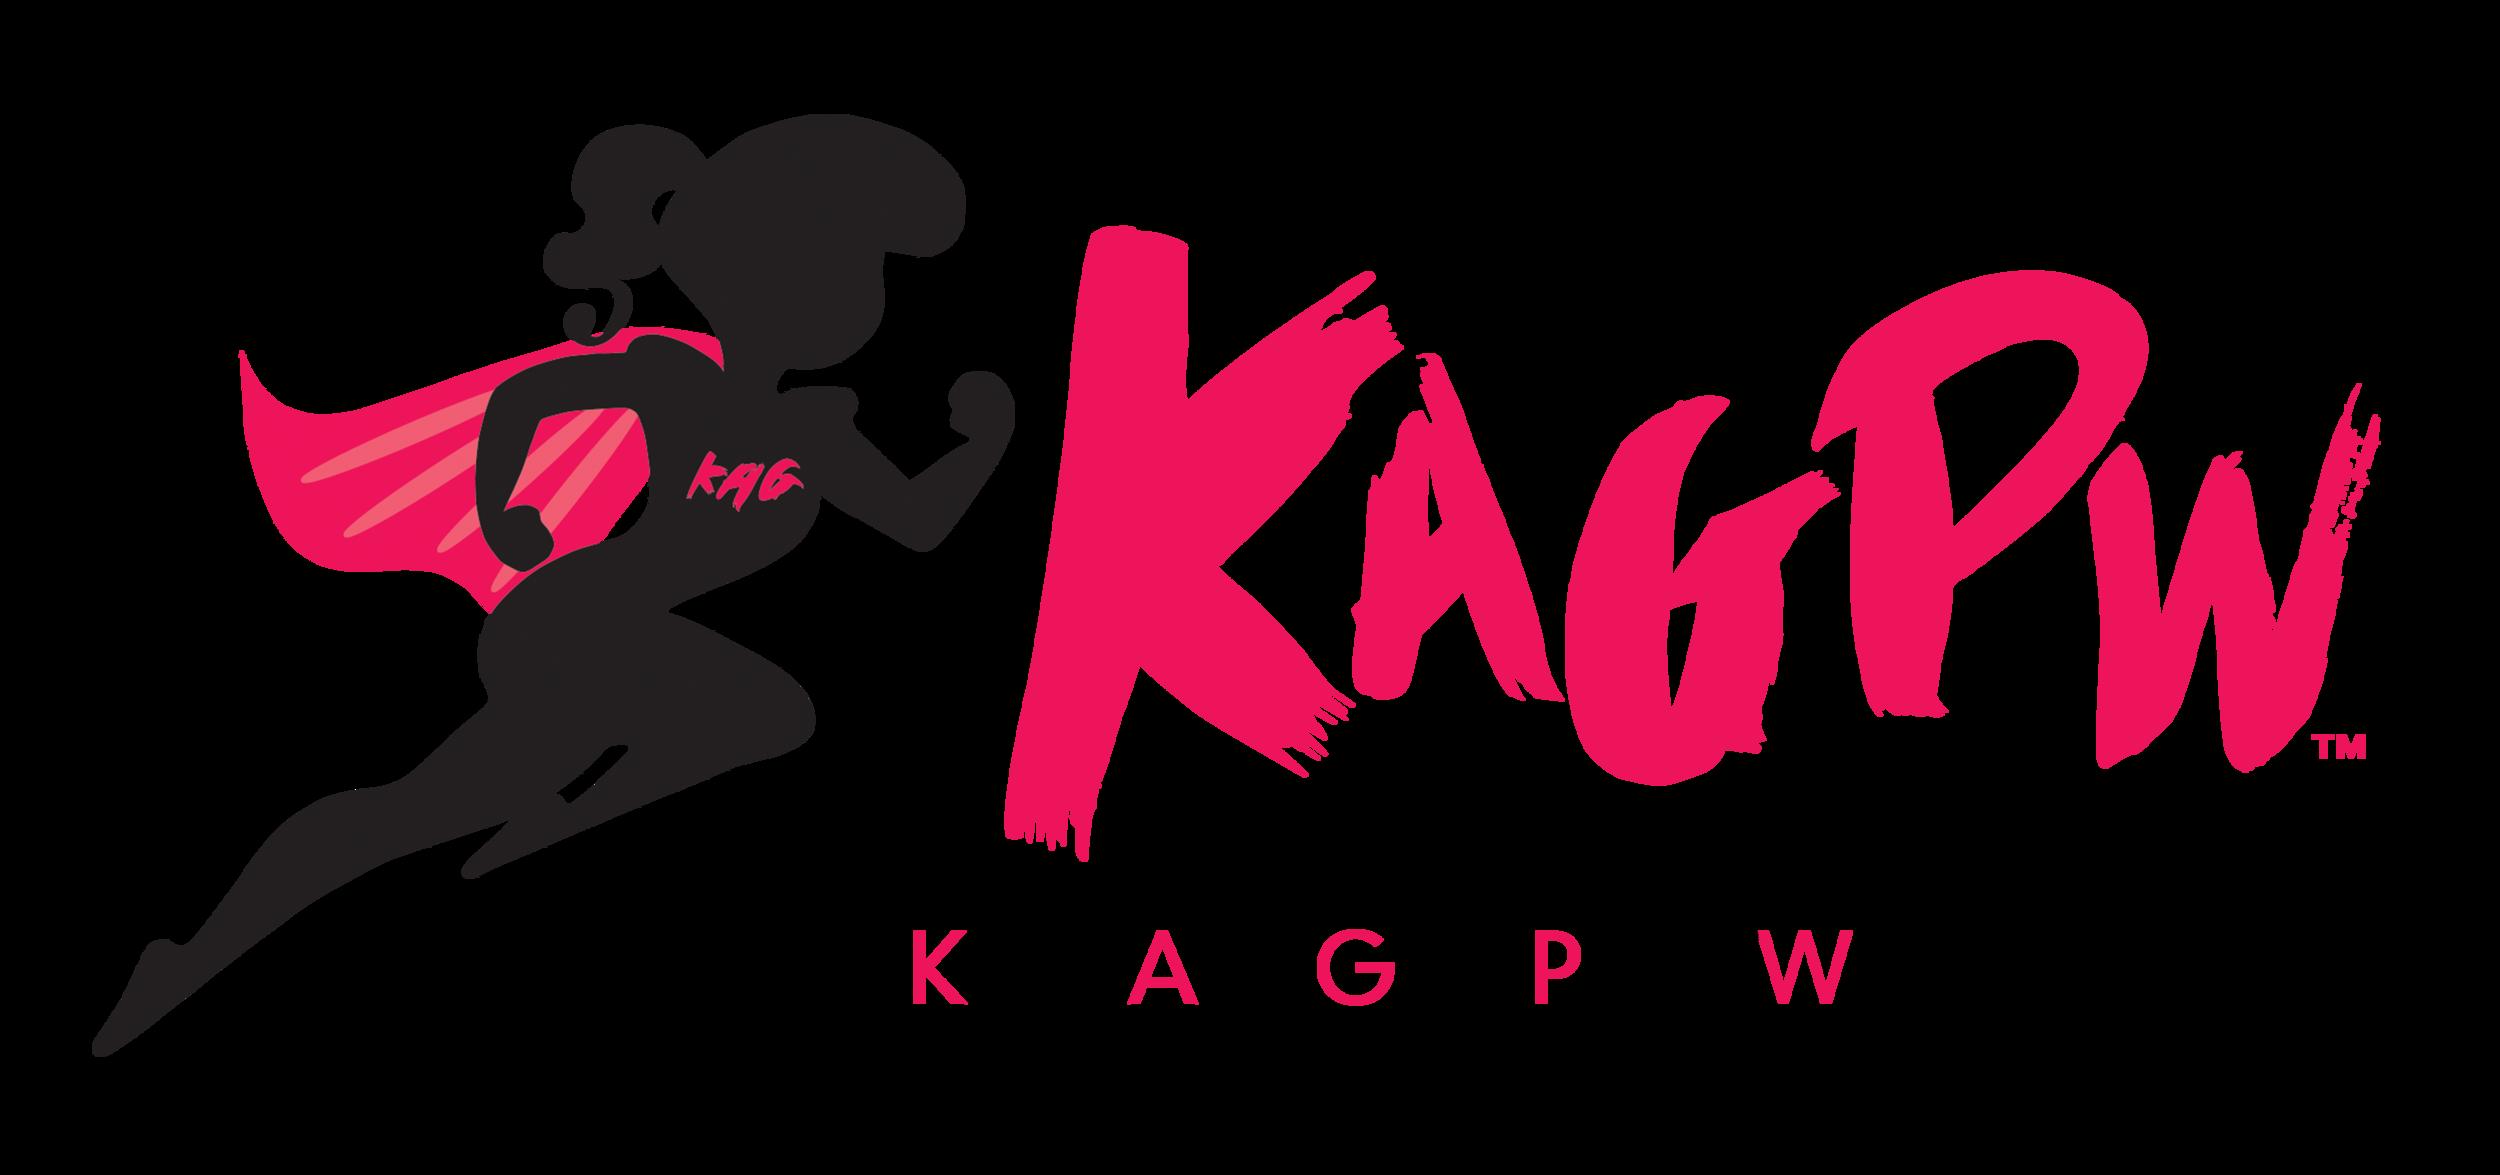 kagpw logo.png